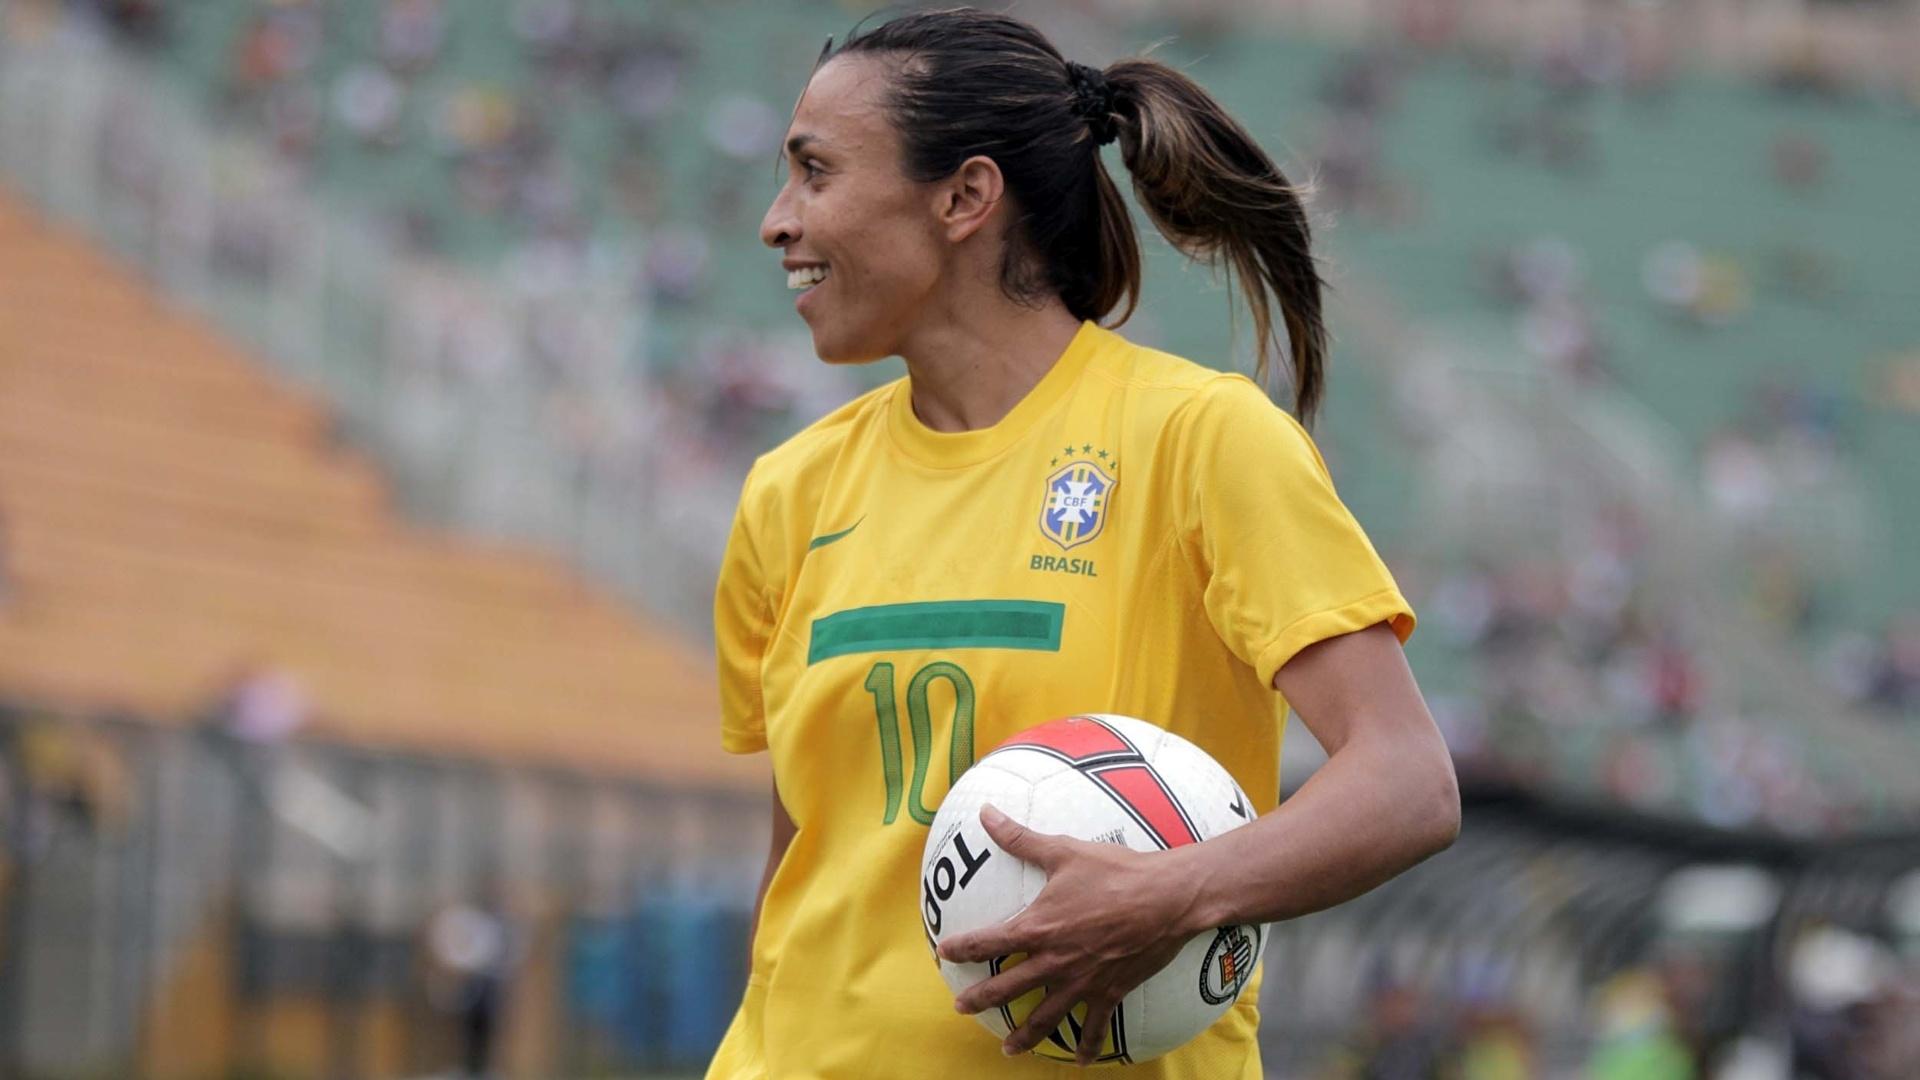 09/12/12 - Marta se diverte durante jogo entre Brasil e Portugal, no Estádio do Pacaembu